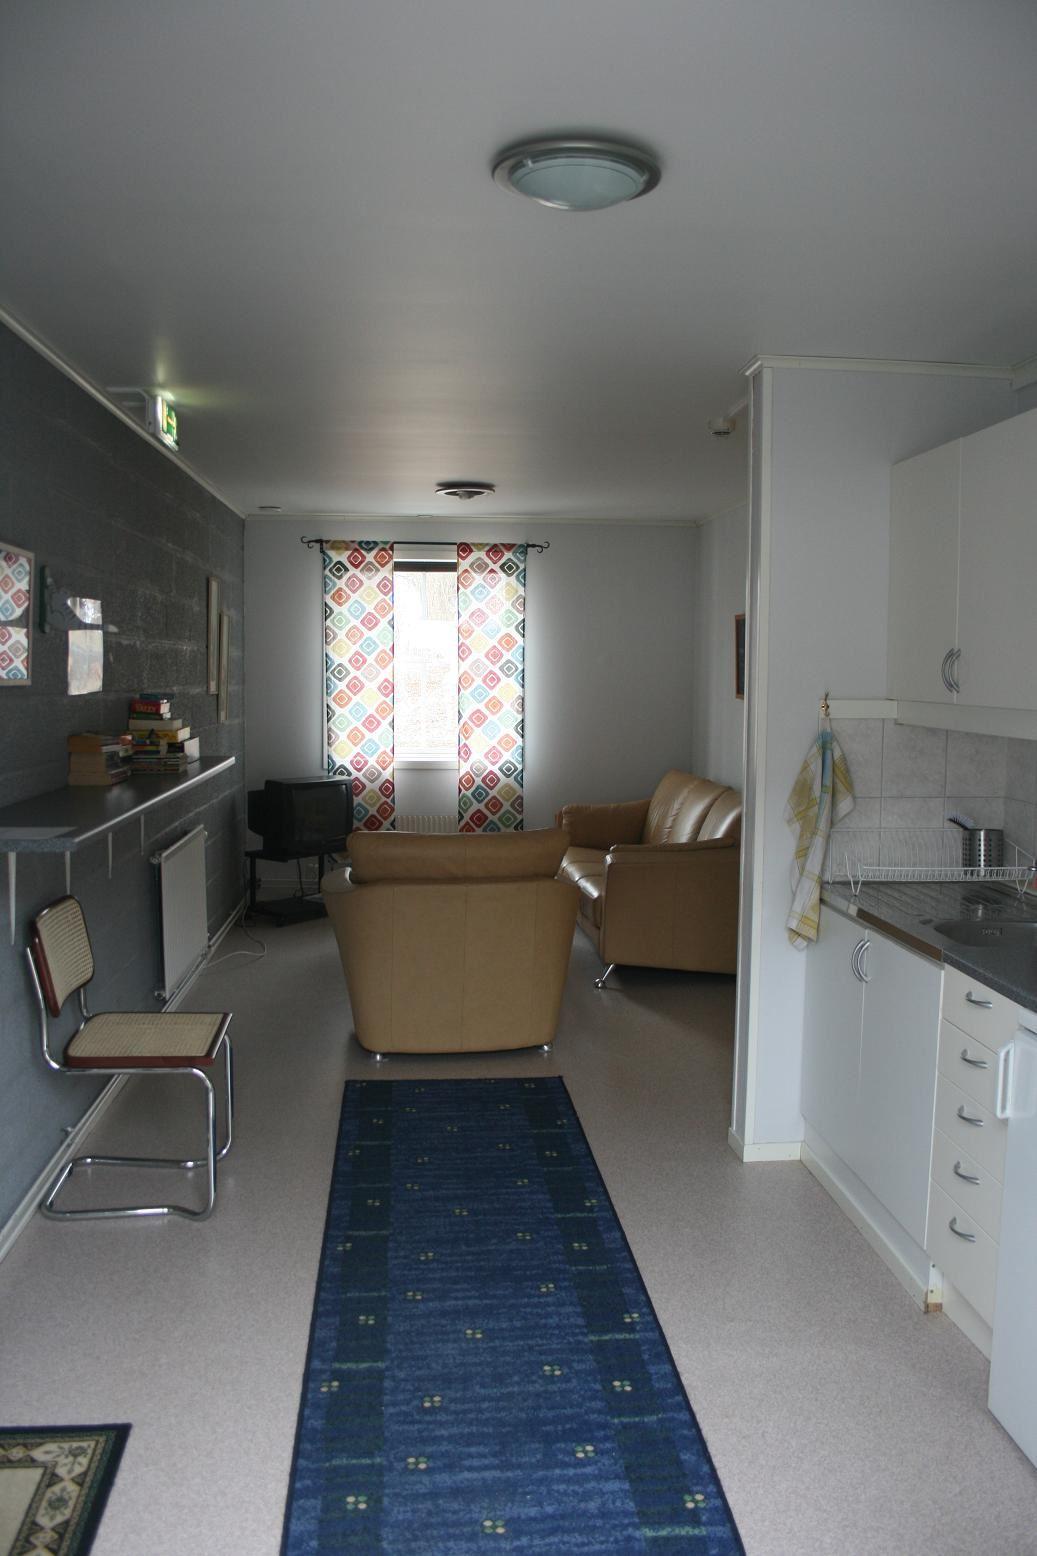 Vår entré in i allrummet med kök för självhushåll. The entrance to the family room and the kitchen.